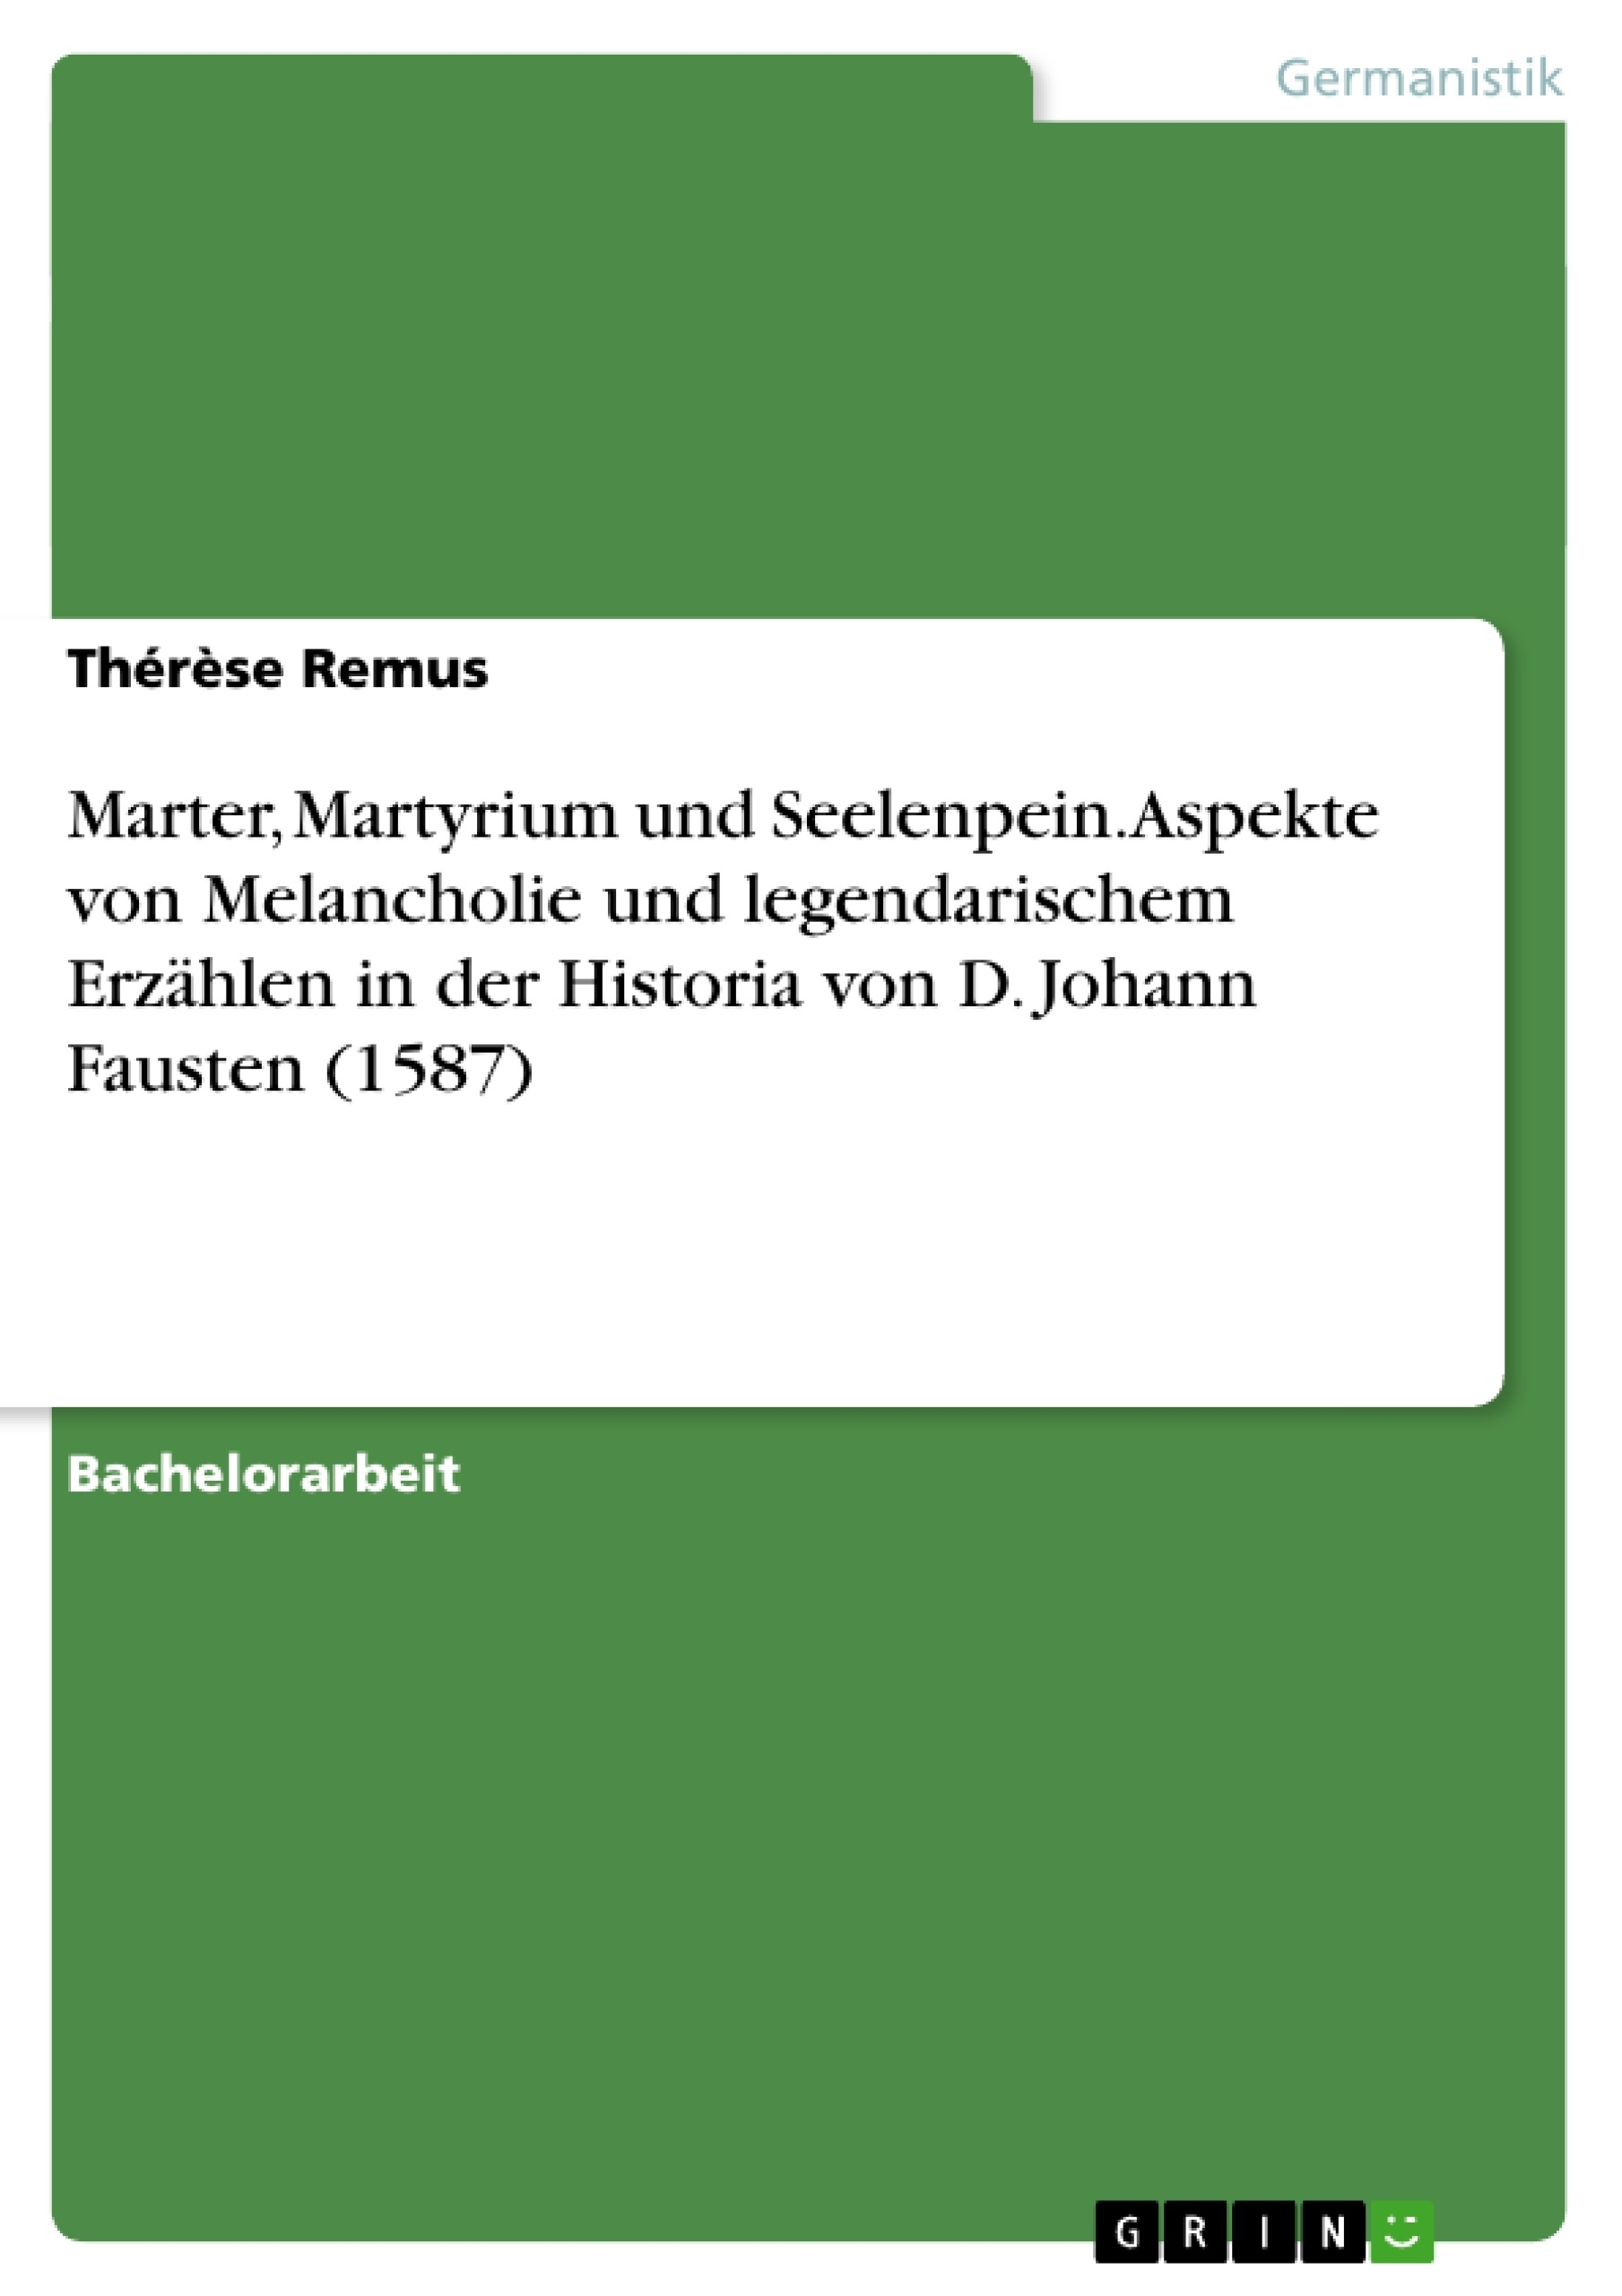 Titel: Marter, Martyrium und Seelenpein. Aspekte von Melancholie und legendarischem Erzählen in der Historia von D. Johann Fausten (1587)